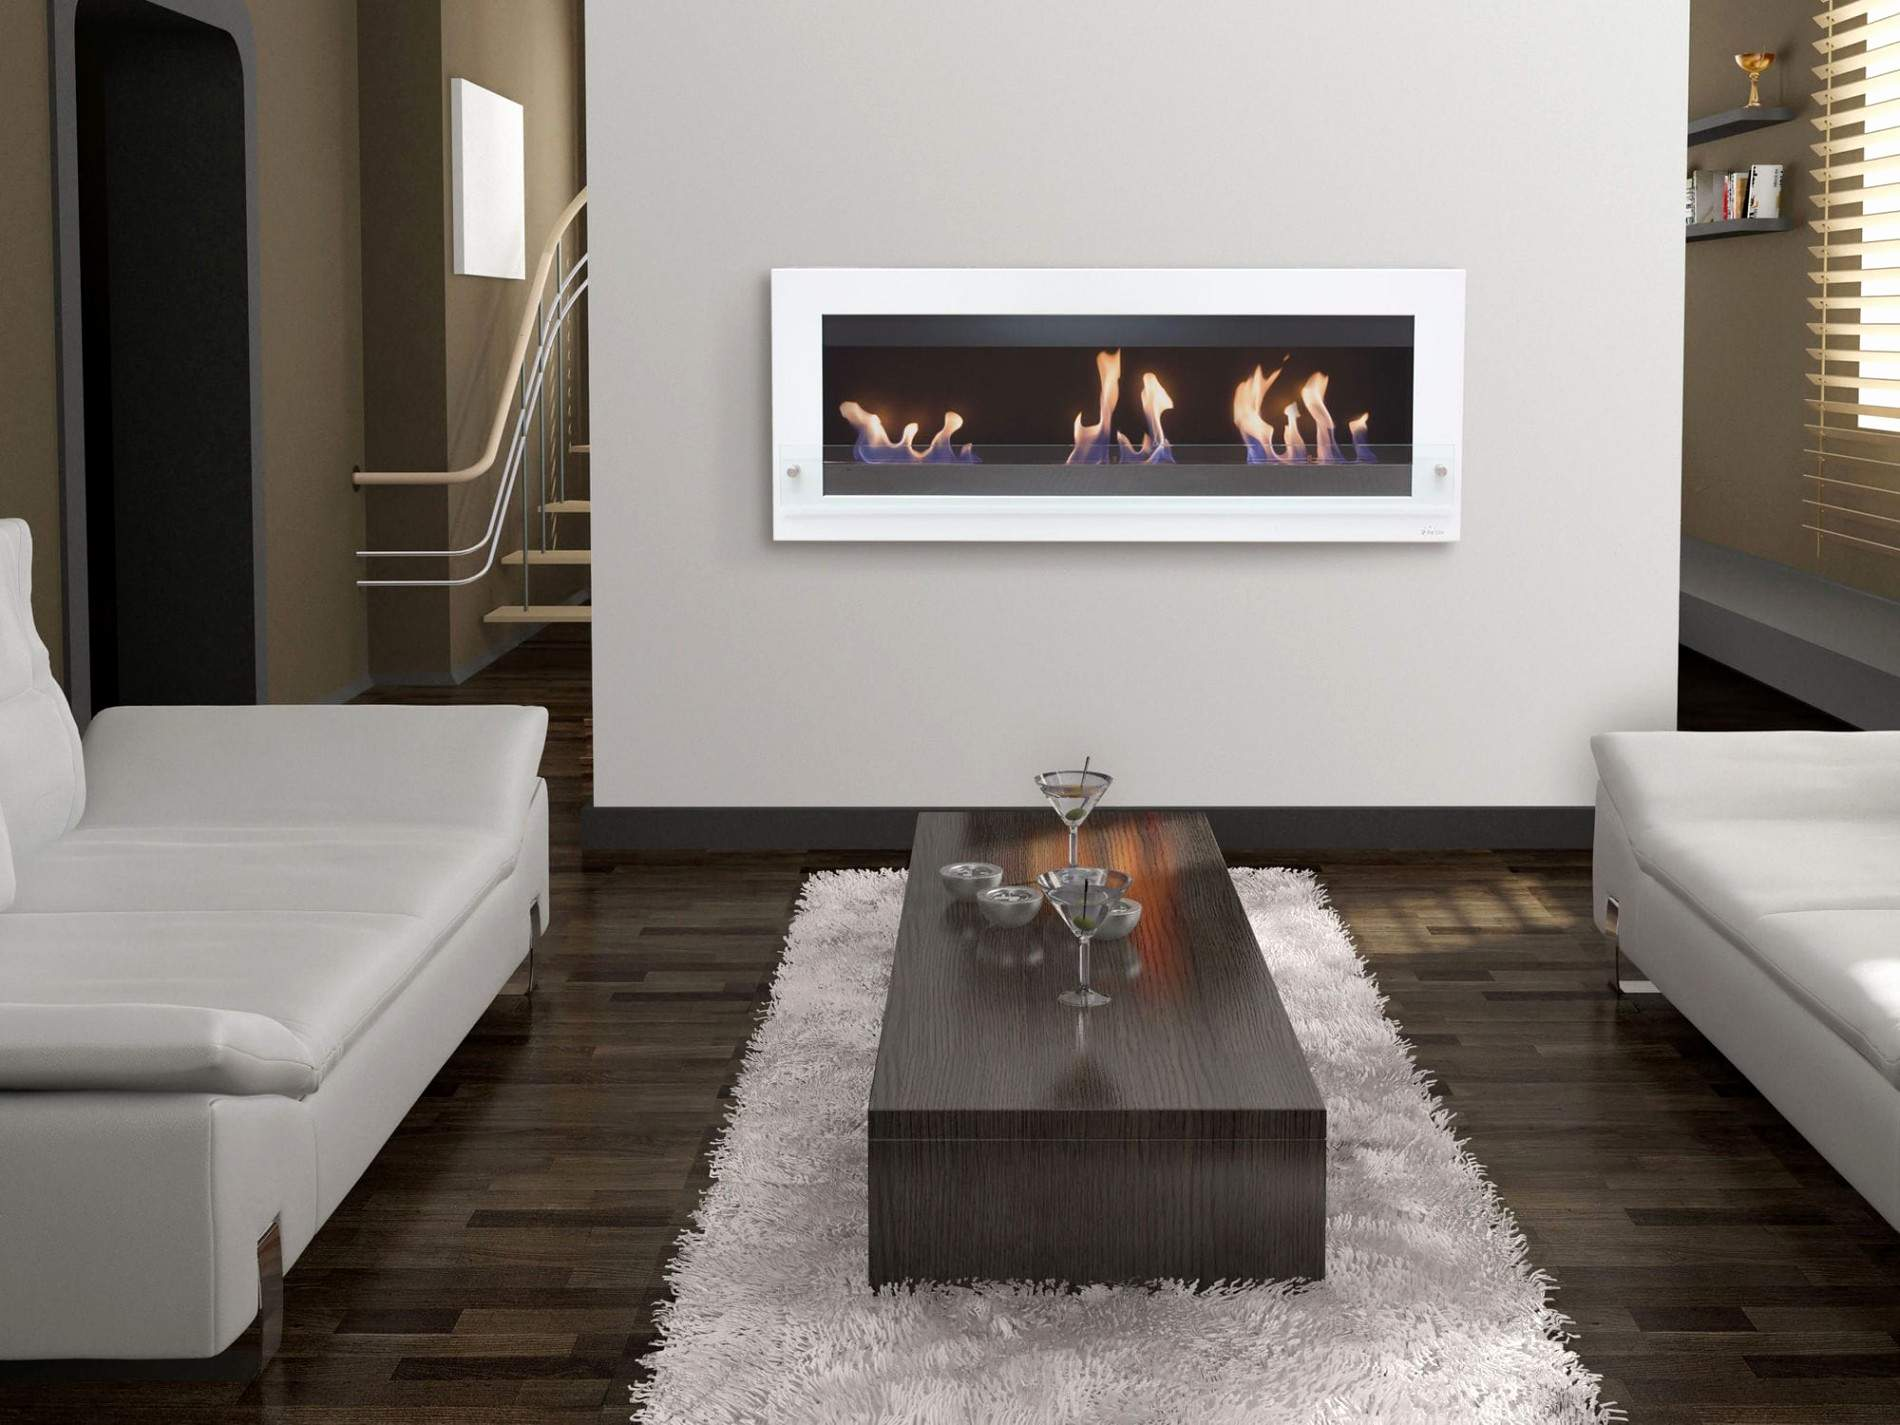 deko wohnzimmer modern genial deko wohnzimmer modern bilder deko wohnzimmer tischdeko of deko wohnzimmer modern